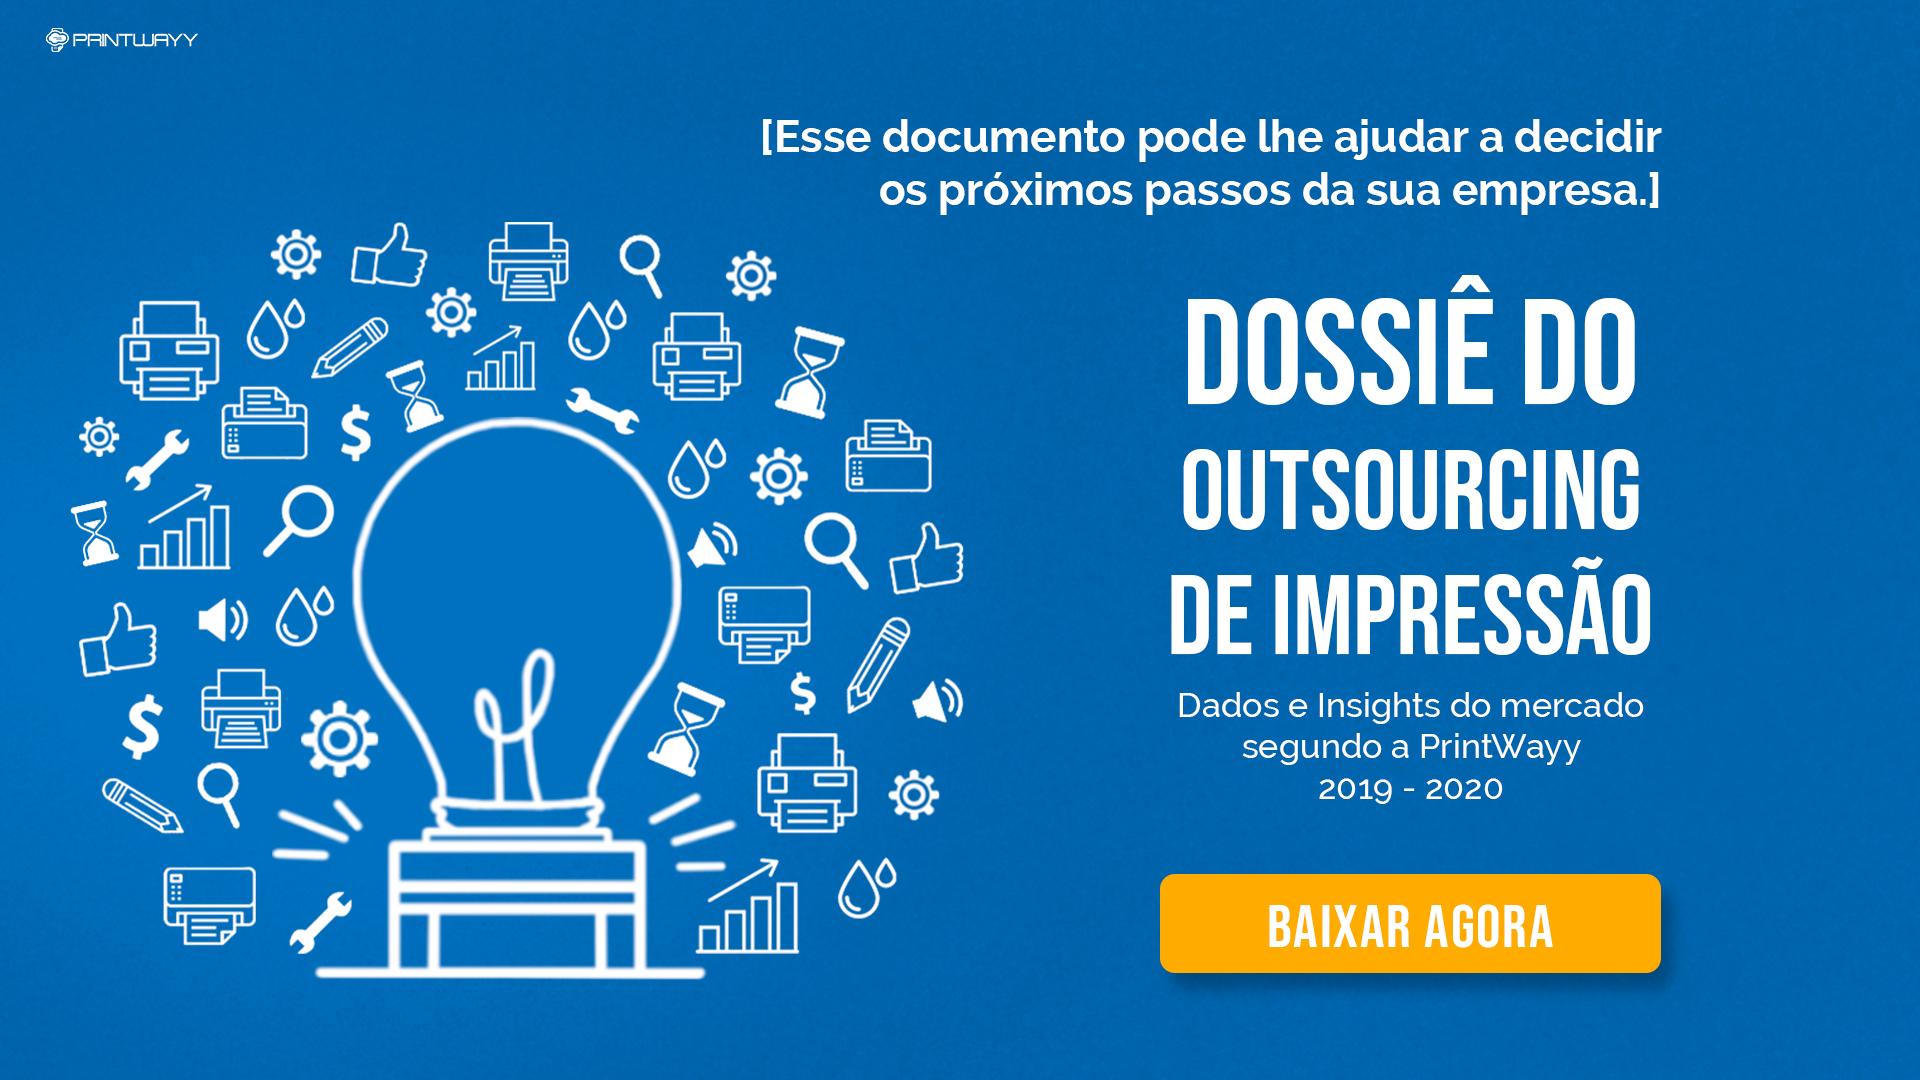 Convite para realizar o download do Dossiê do Outsourcing de Impressão 2019-2020, material elaborado pela PrintWayy.